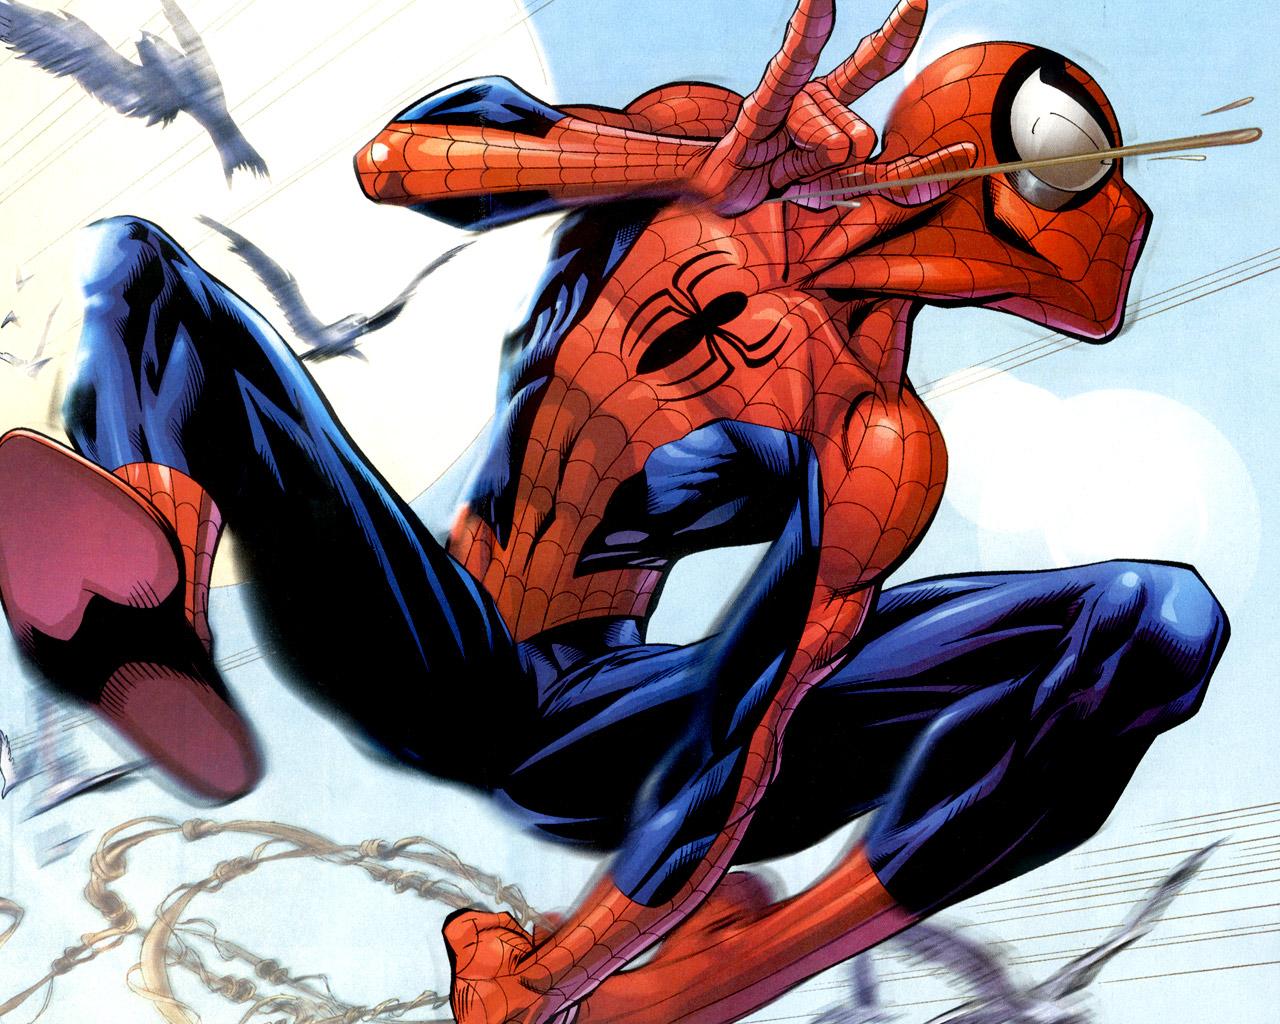 Imágenes de spiderman